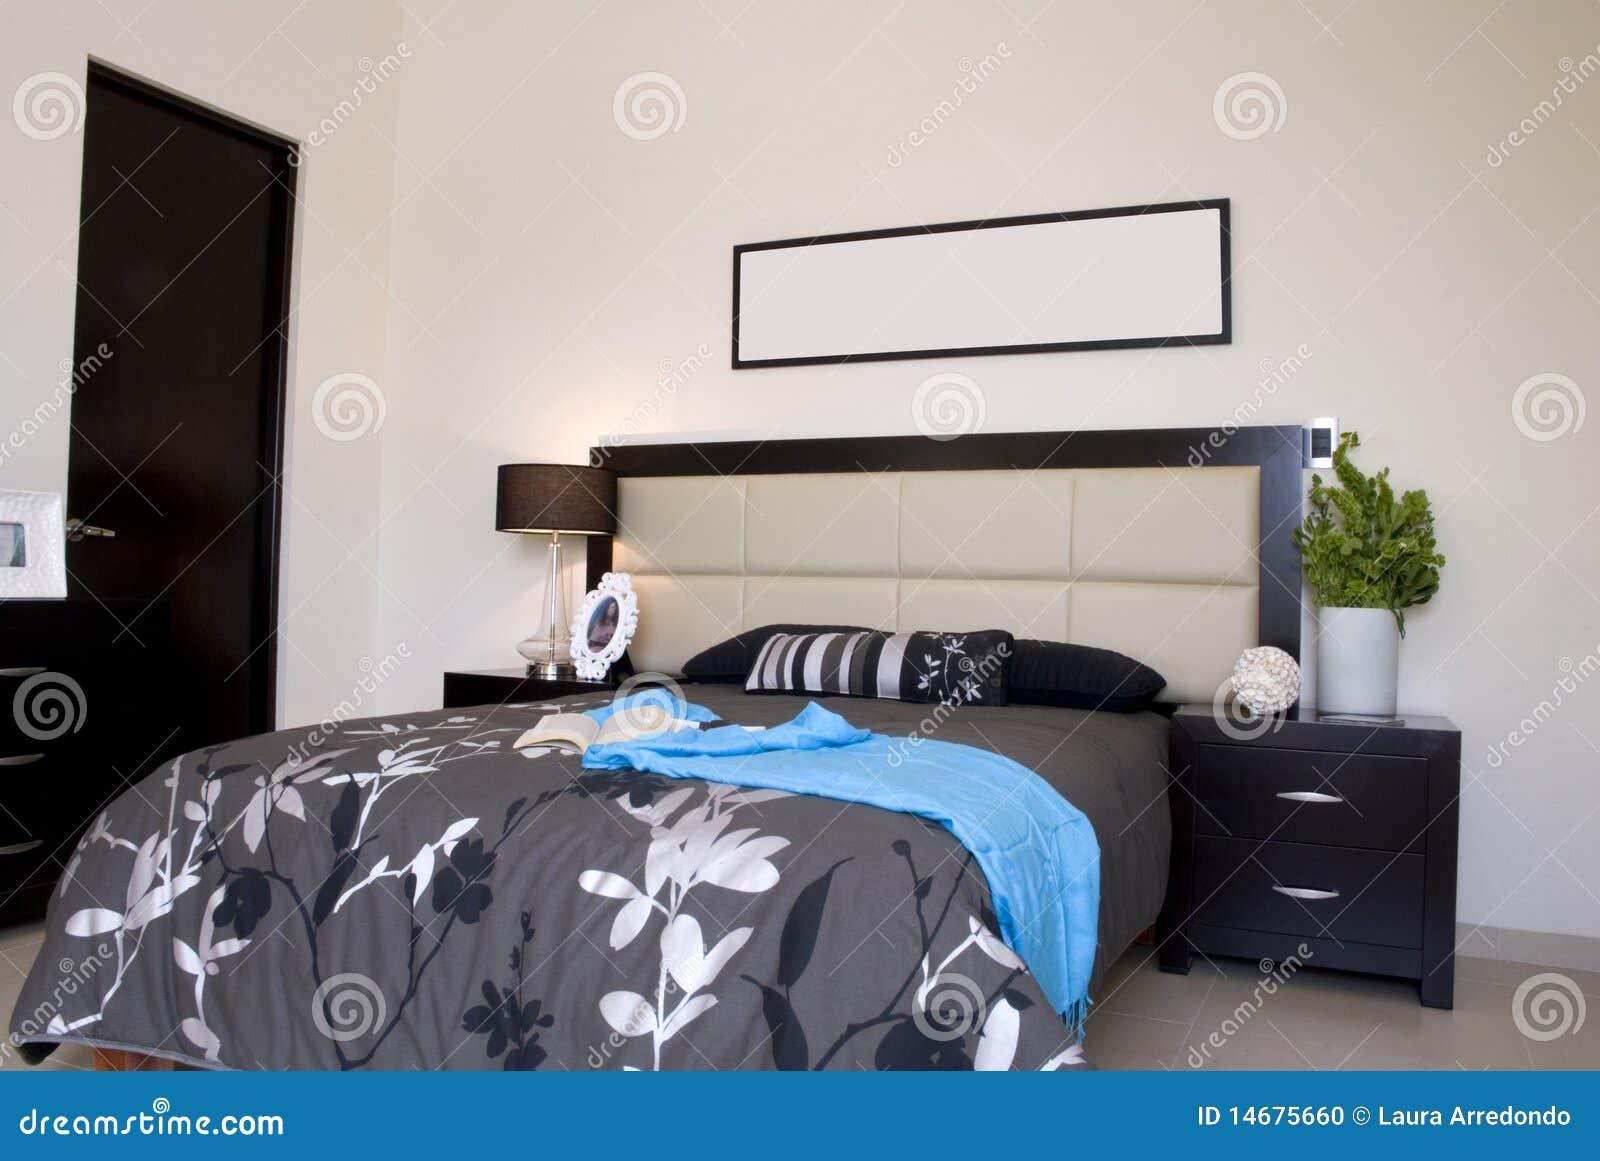 Zwarte Slaapkamer : Zwarte Slaapkamer Stock Foto - Afbeelding ...